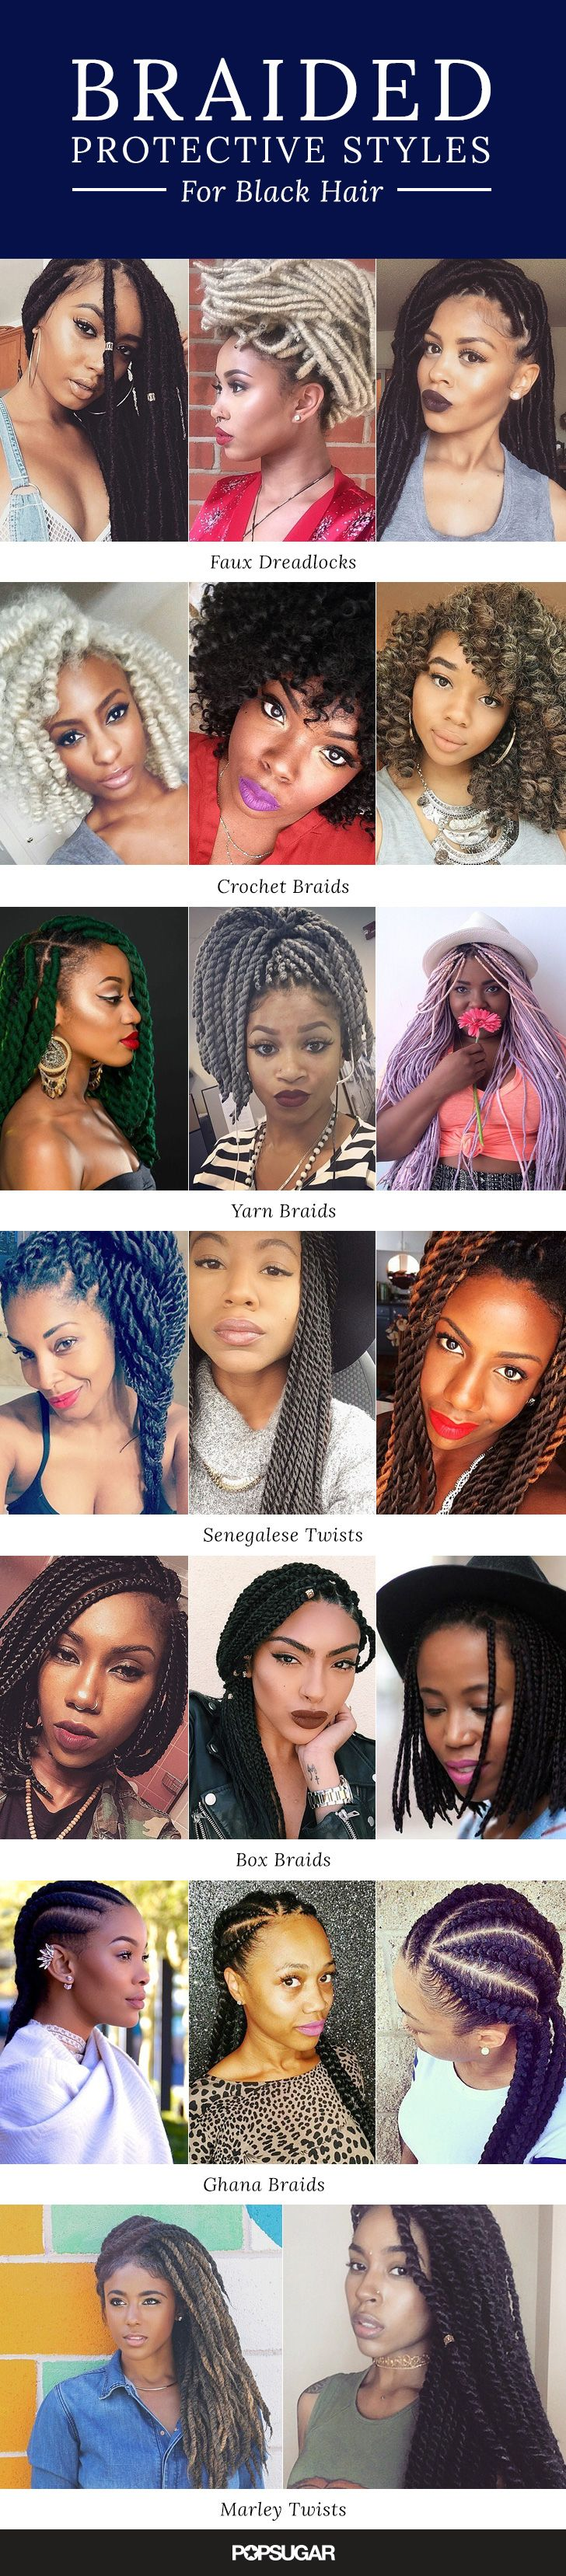 338 best Hair images on Pinterest